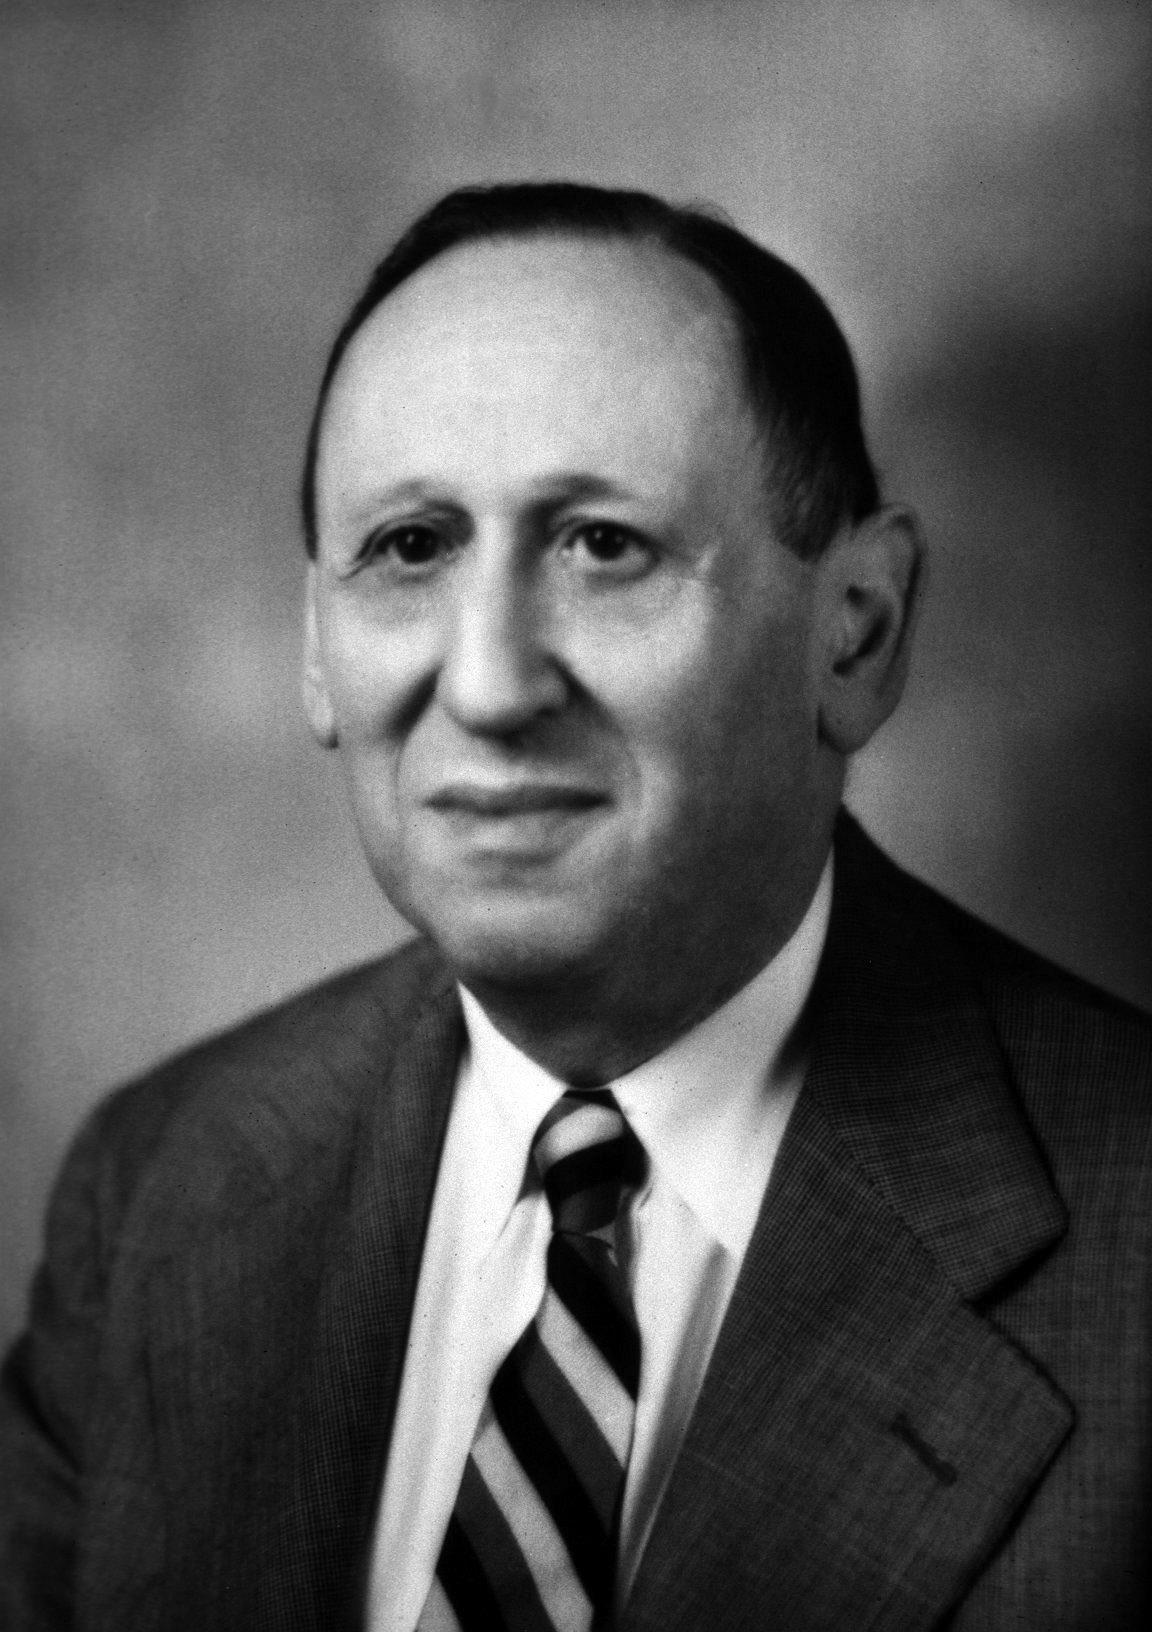 Leo Kanner(1894-1981)